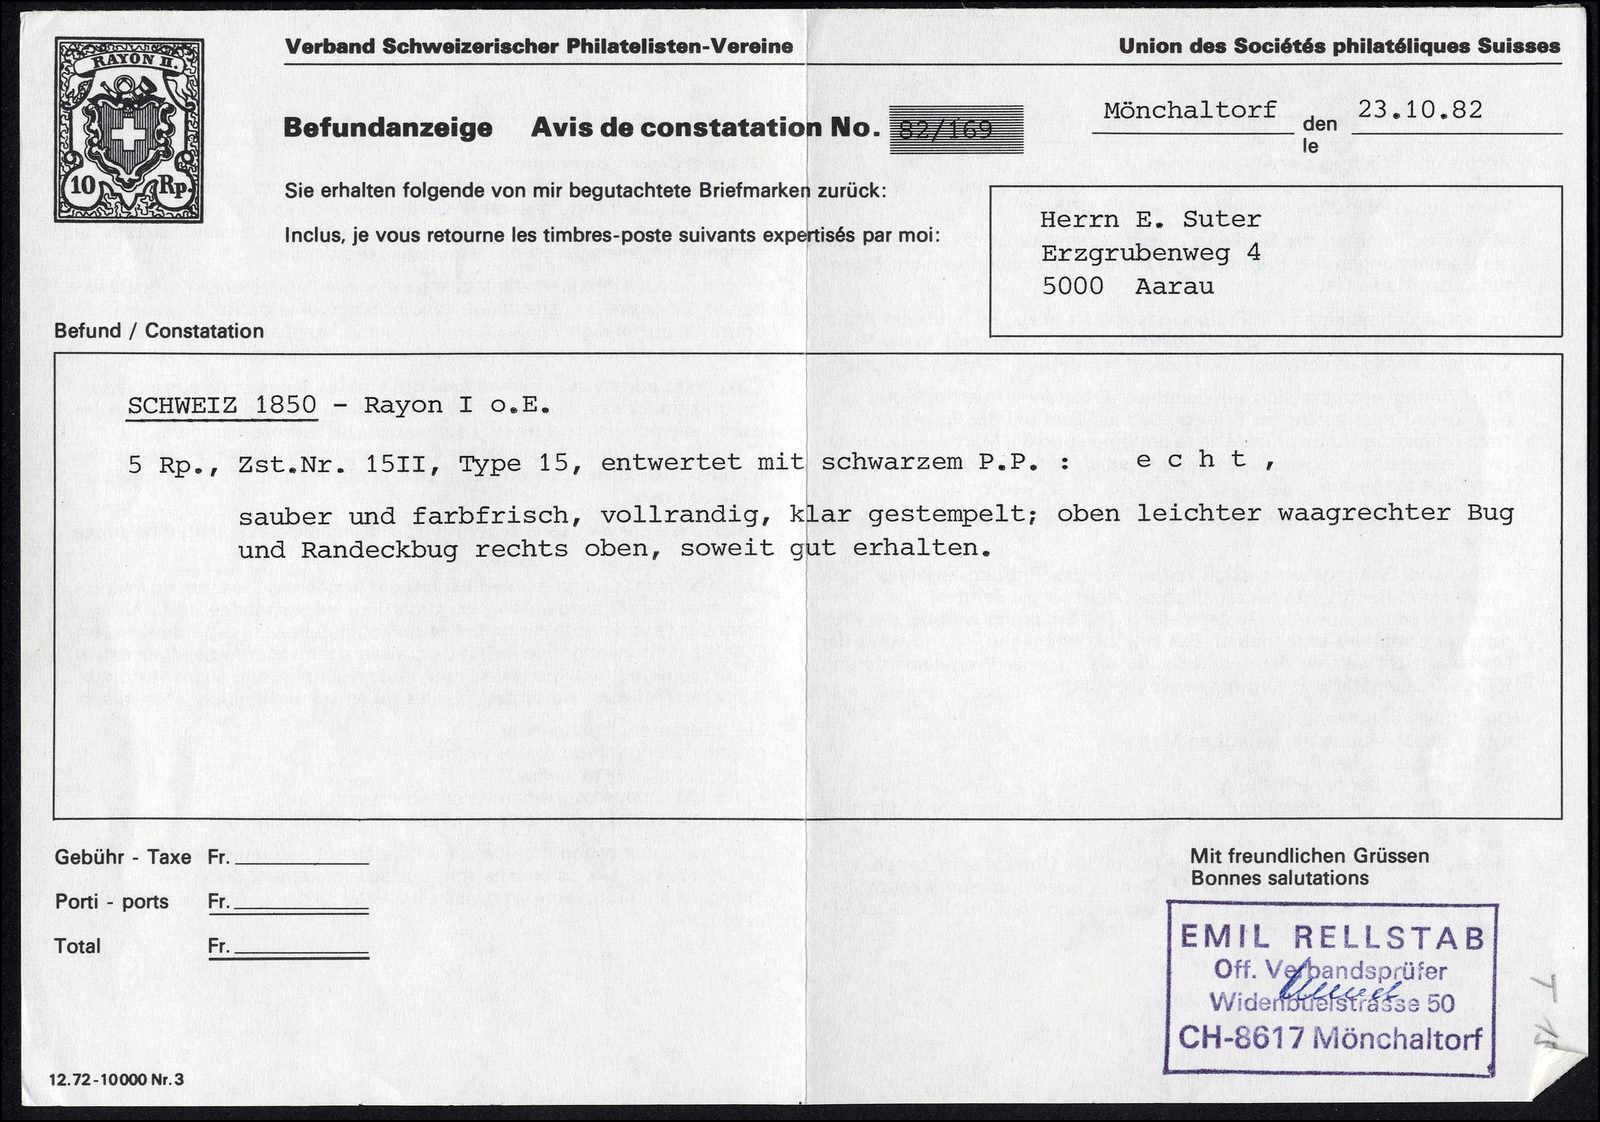 Lot 13 - sammlungen und posten sammlungen und posten altschweiz -  Rolli Auctions Auction #68 Day 1